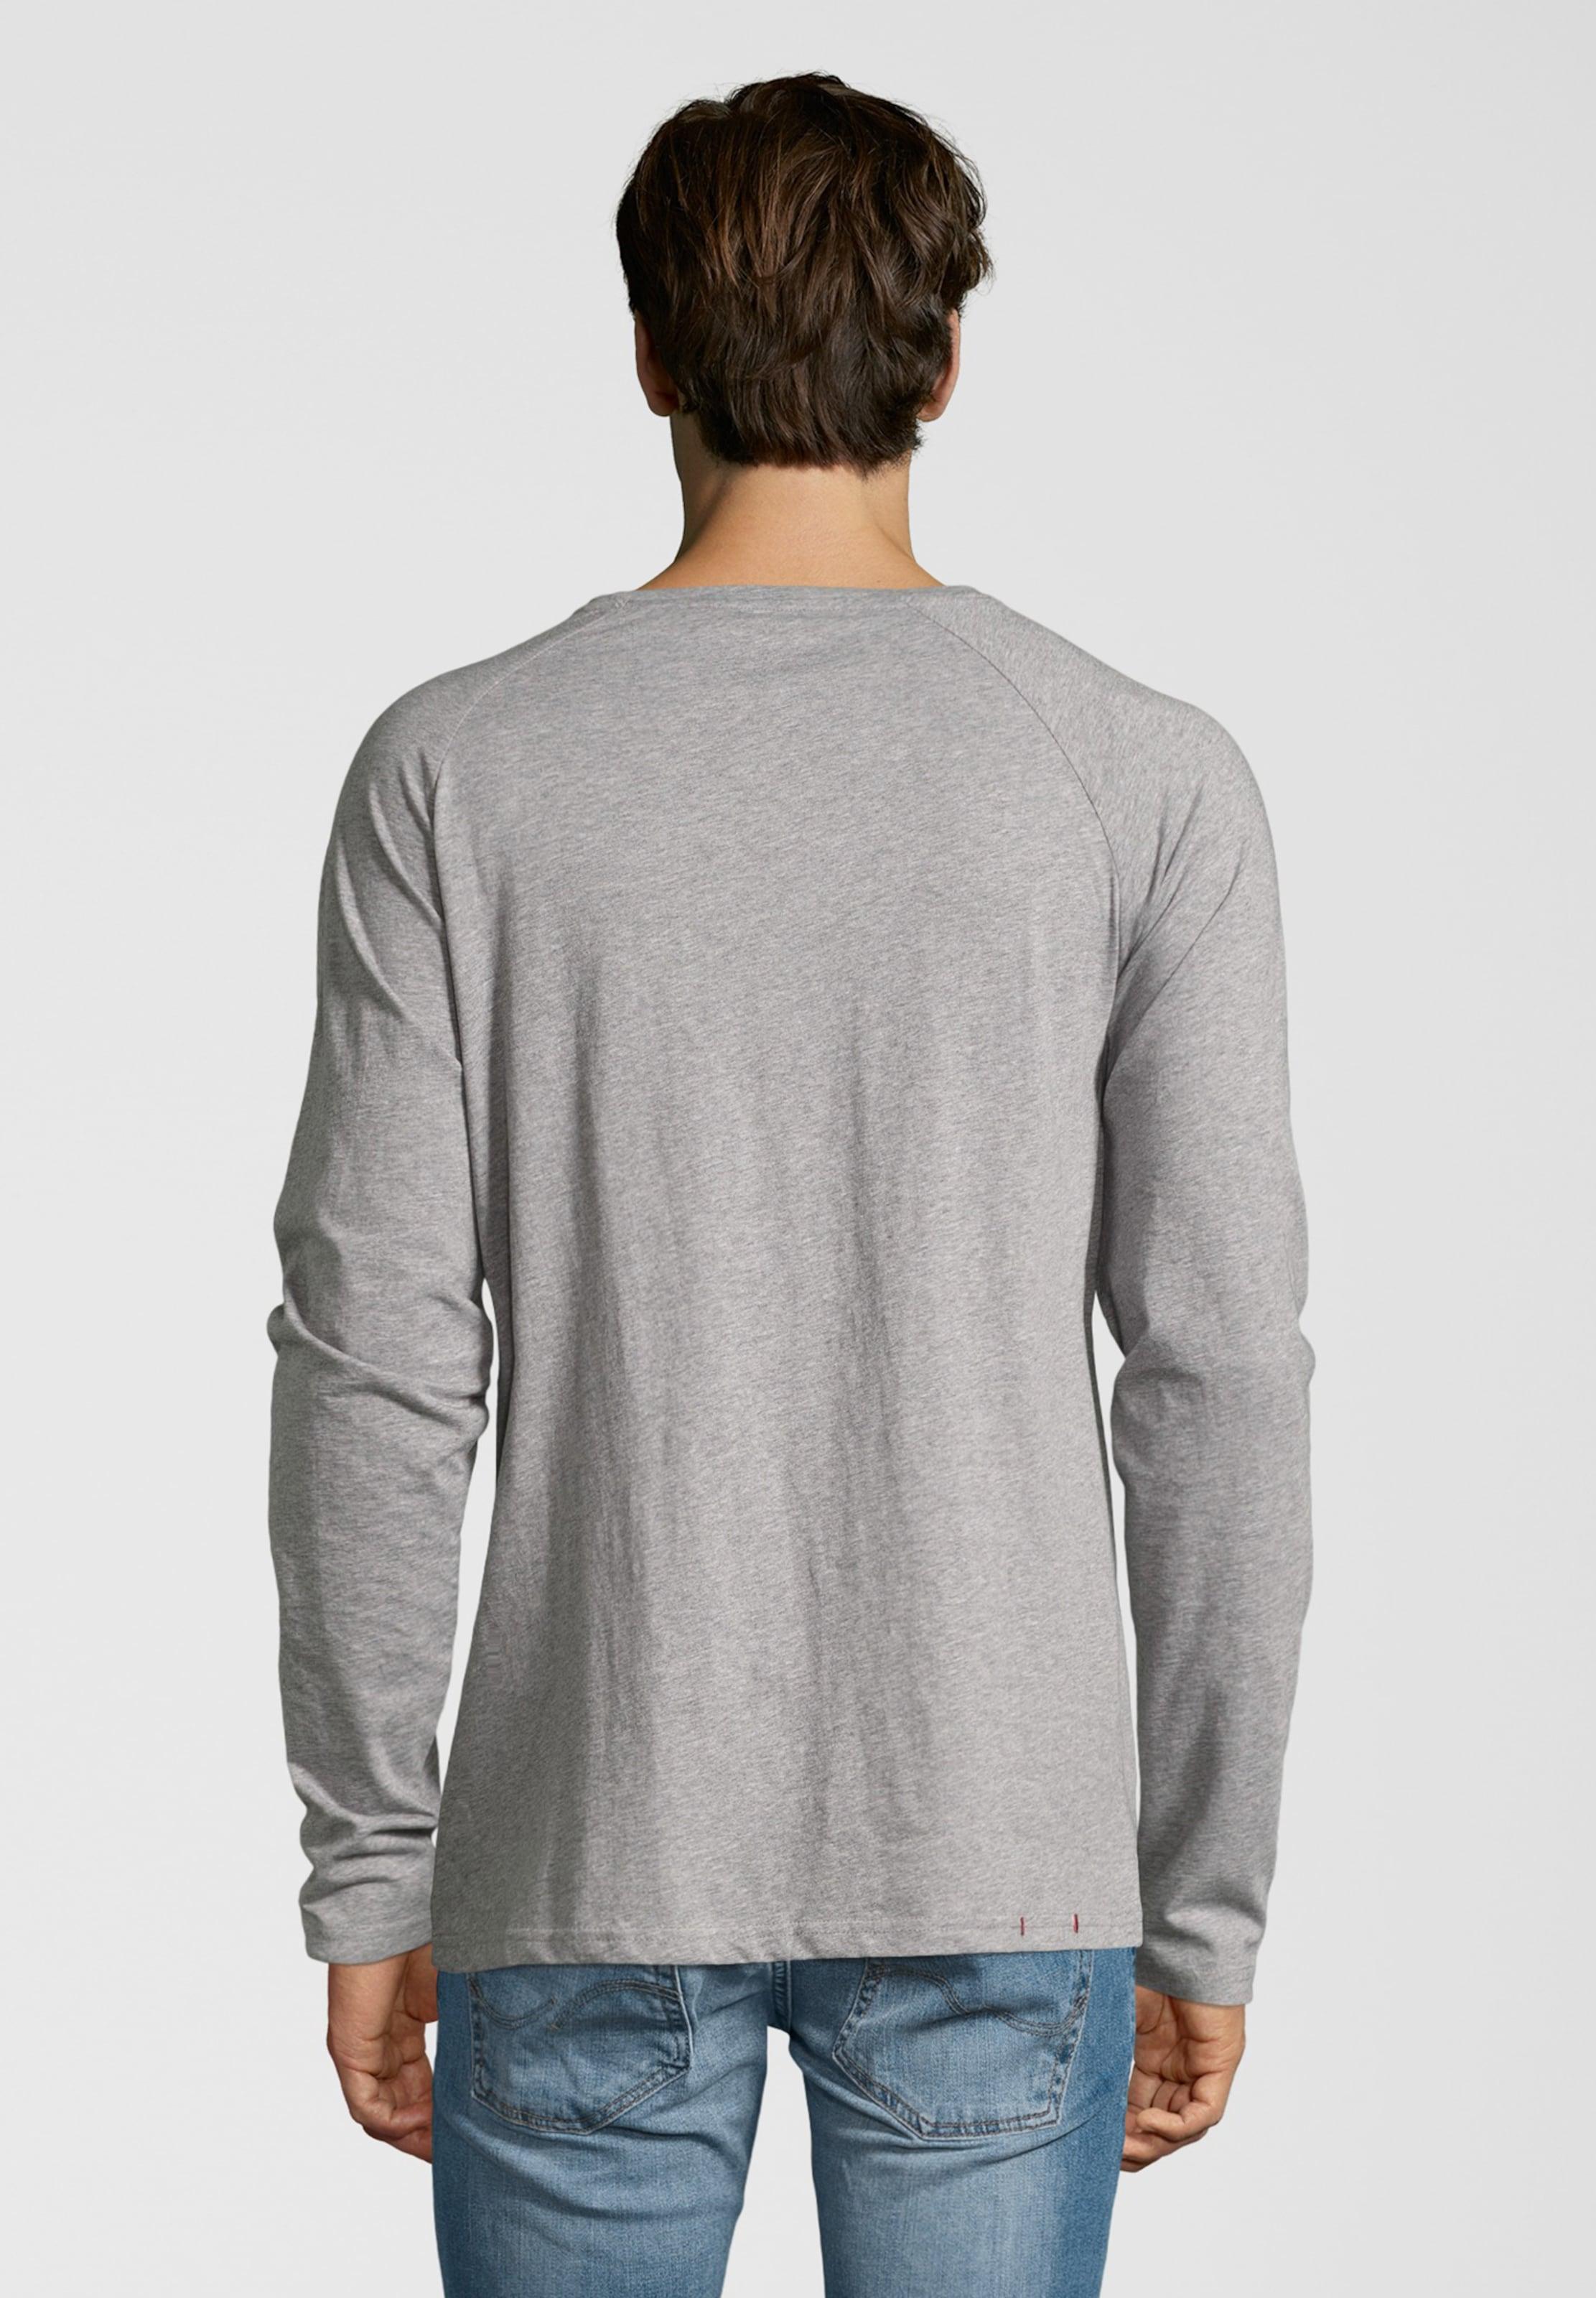 Life Shirts In For Longsleeve 'anton' Grau N0w8ynOvmP